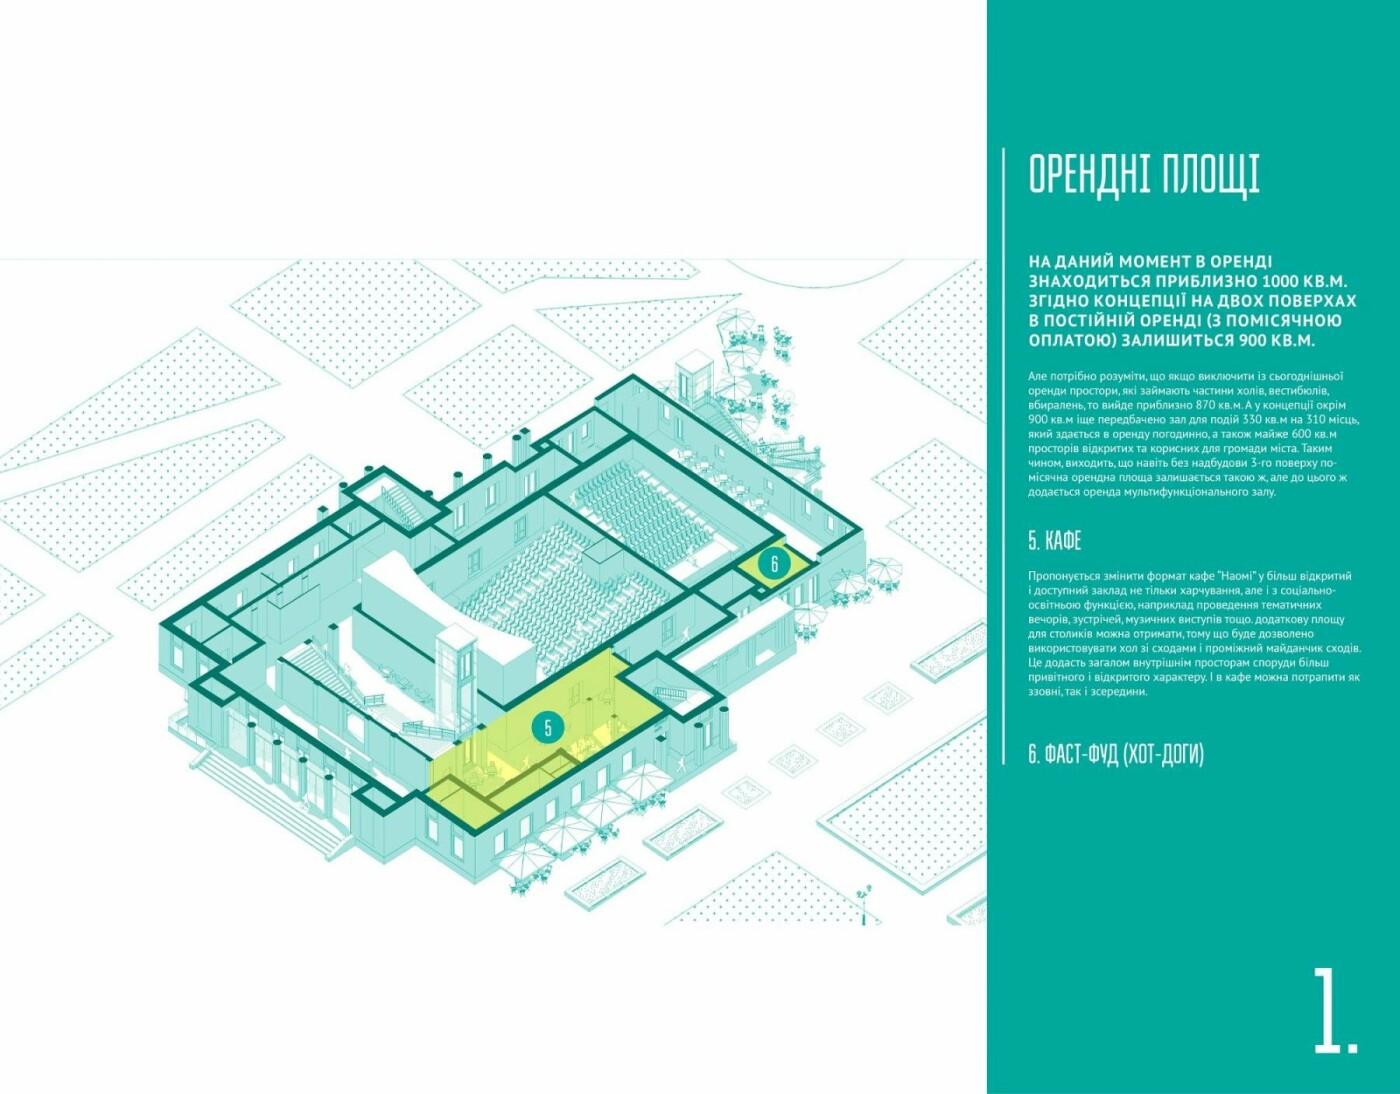 Концепція розвитку: яким буде кінотеатр Шевченка в майбутньому, фото-16